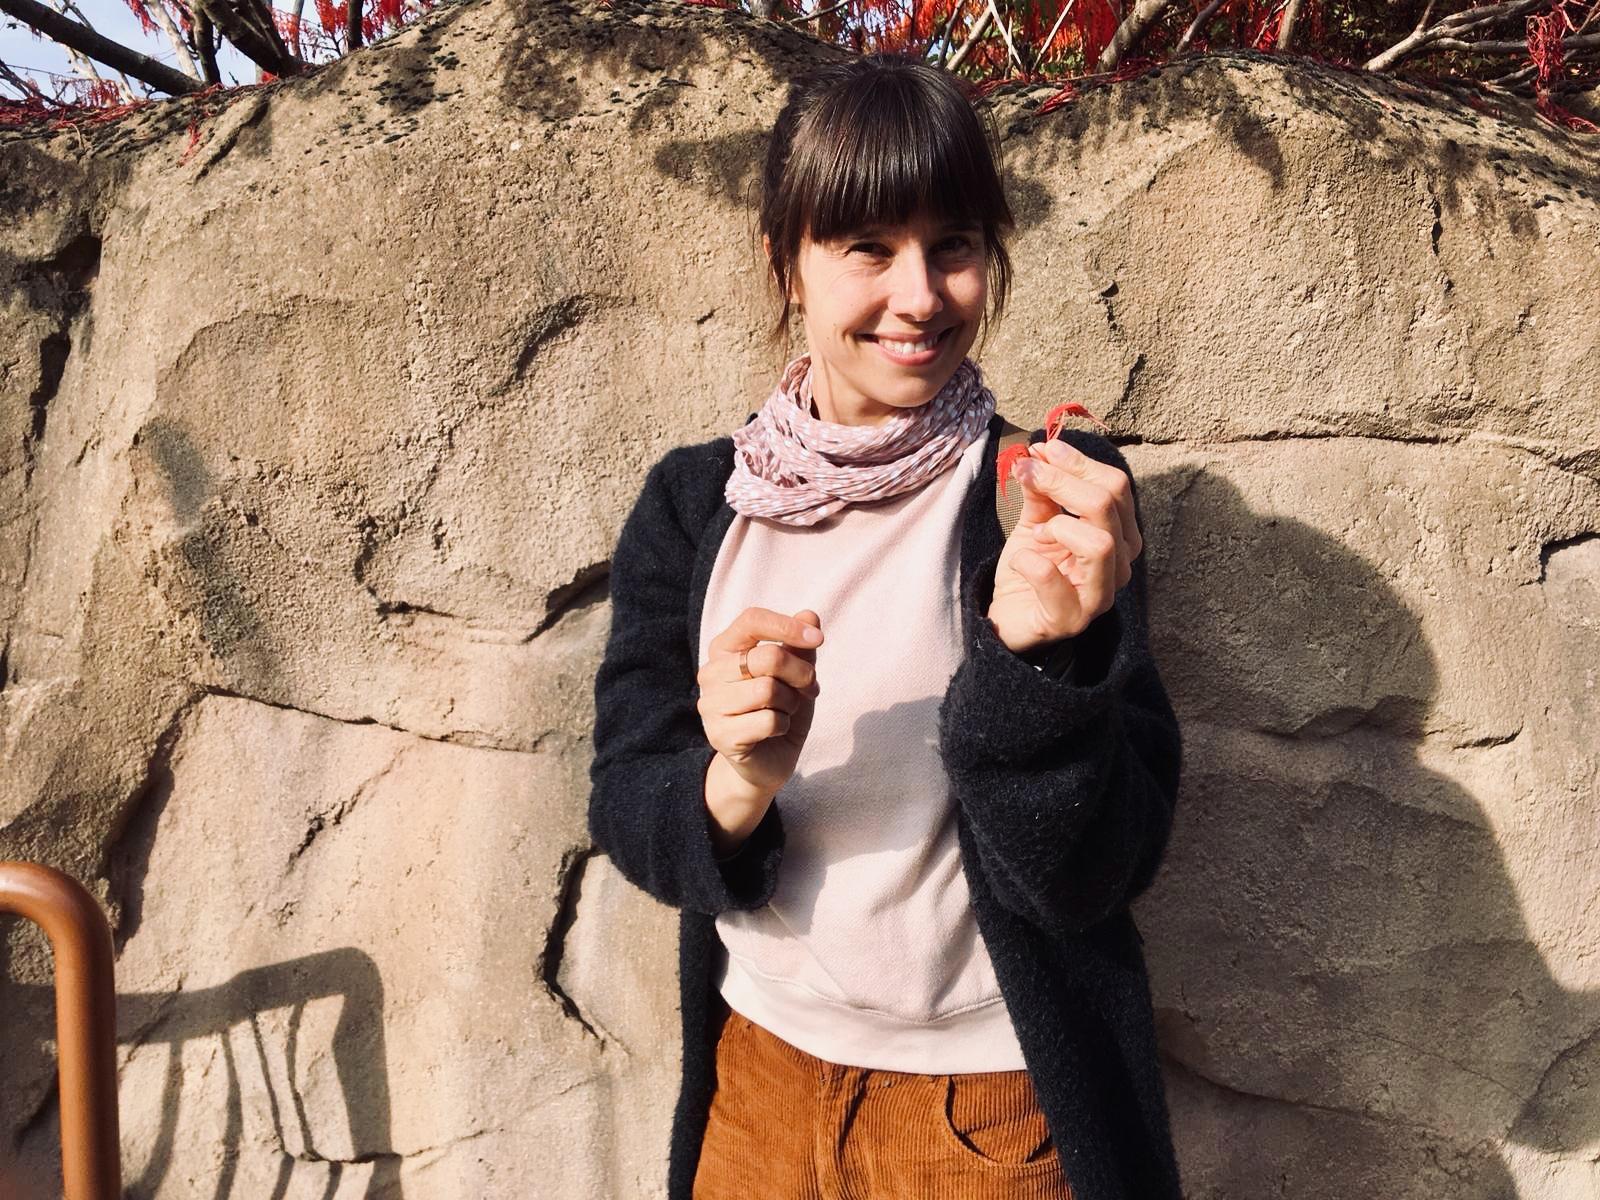 Nadine Vaal